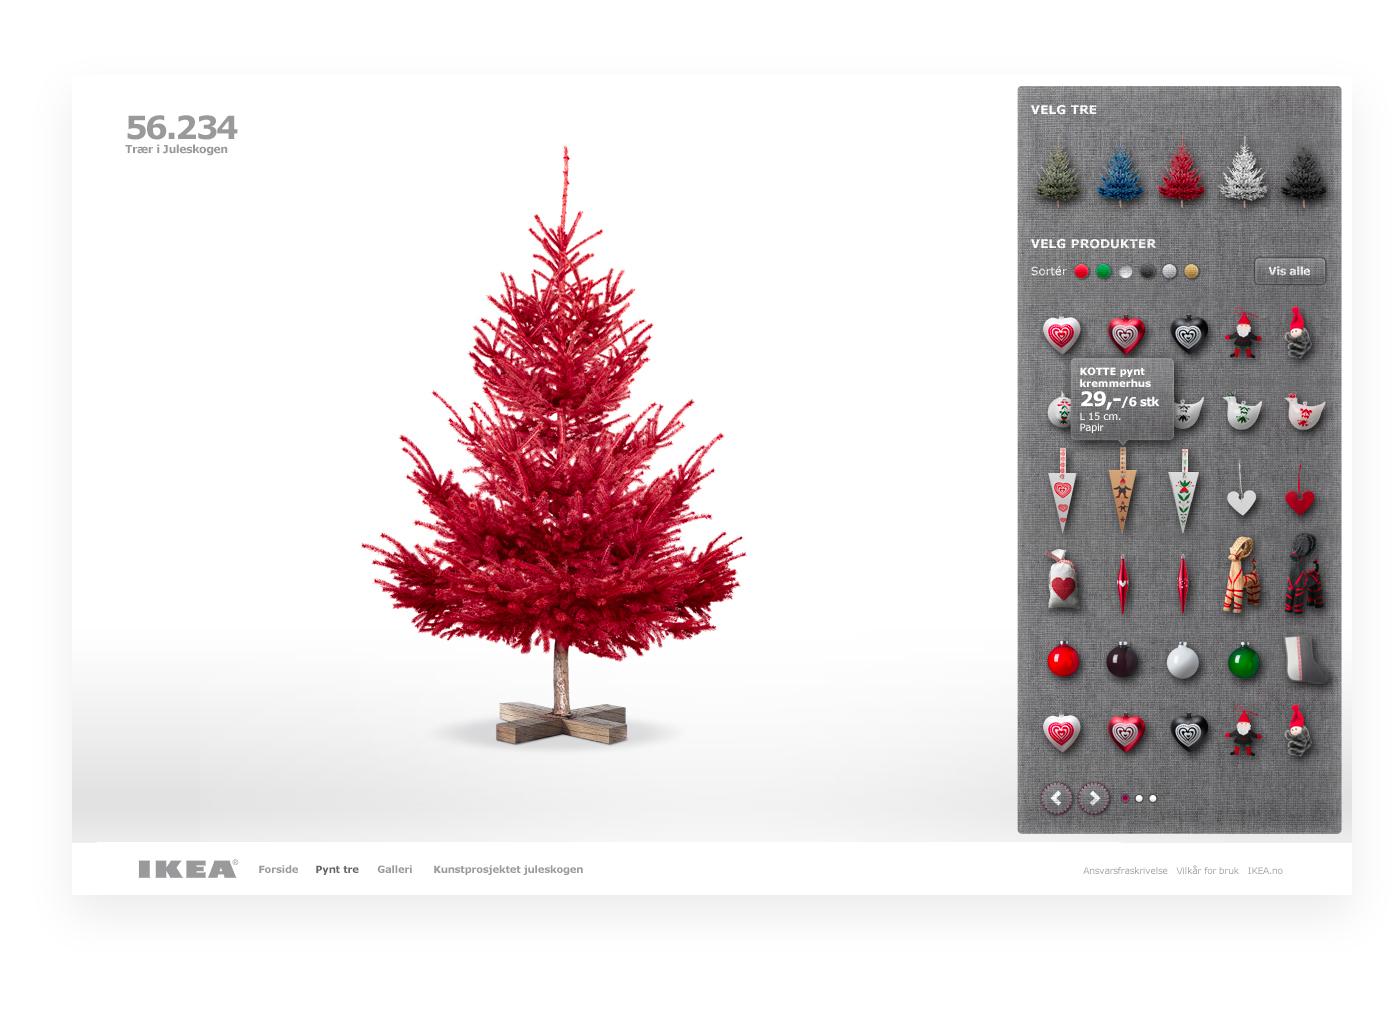 IKEA Christmas Campaign (2009) on Behance